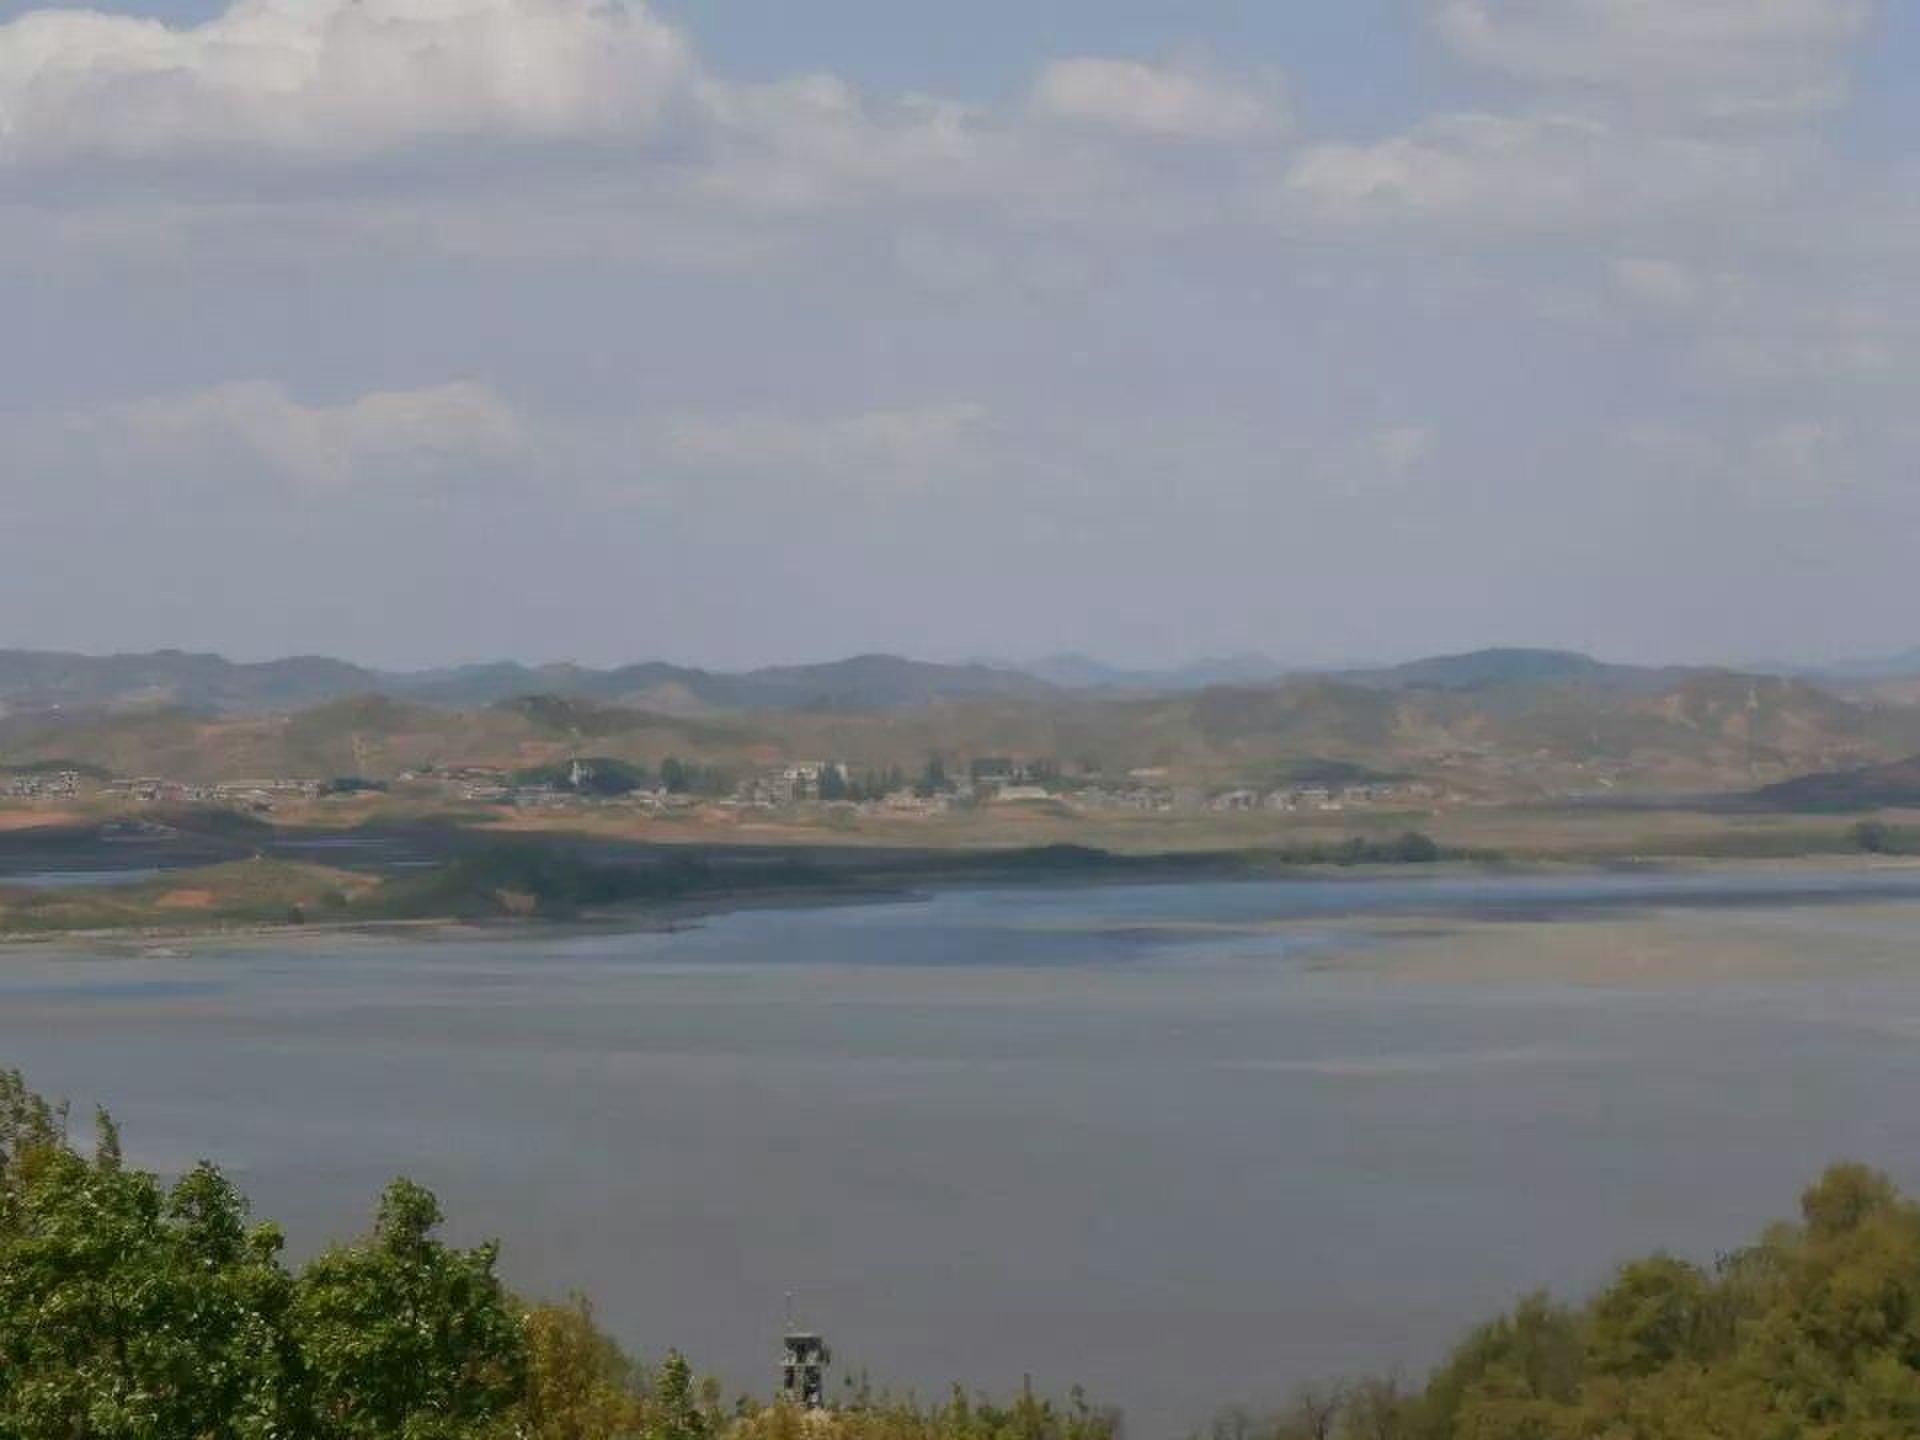 【韓国ソウル郊外】オドゥ山統一展望台から北朝鮮を覗き見!